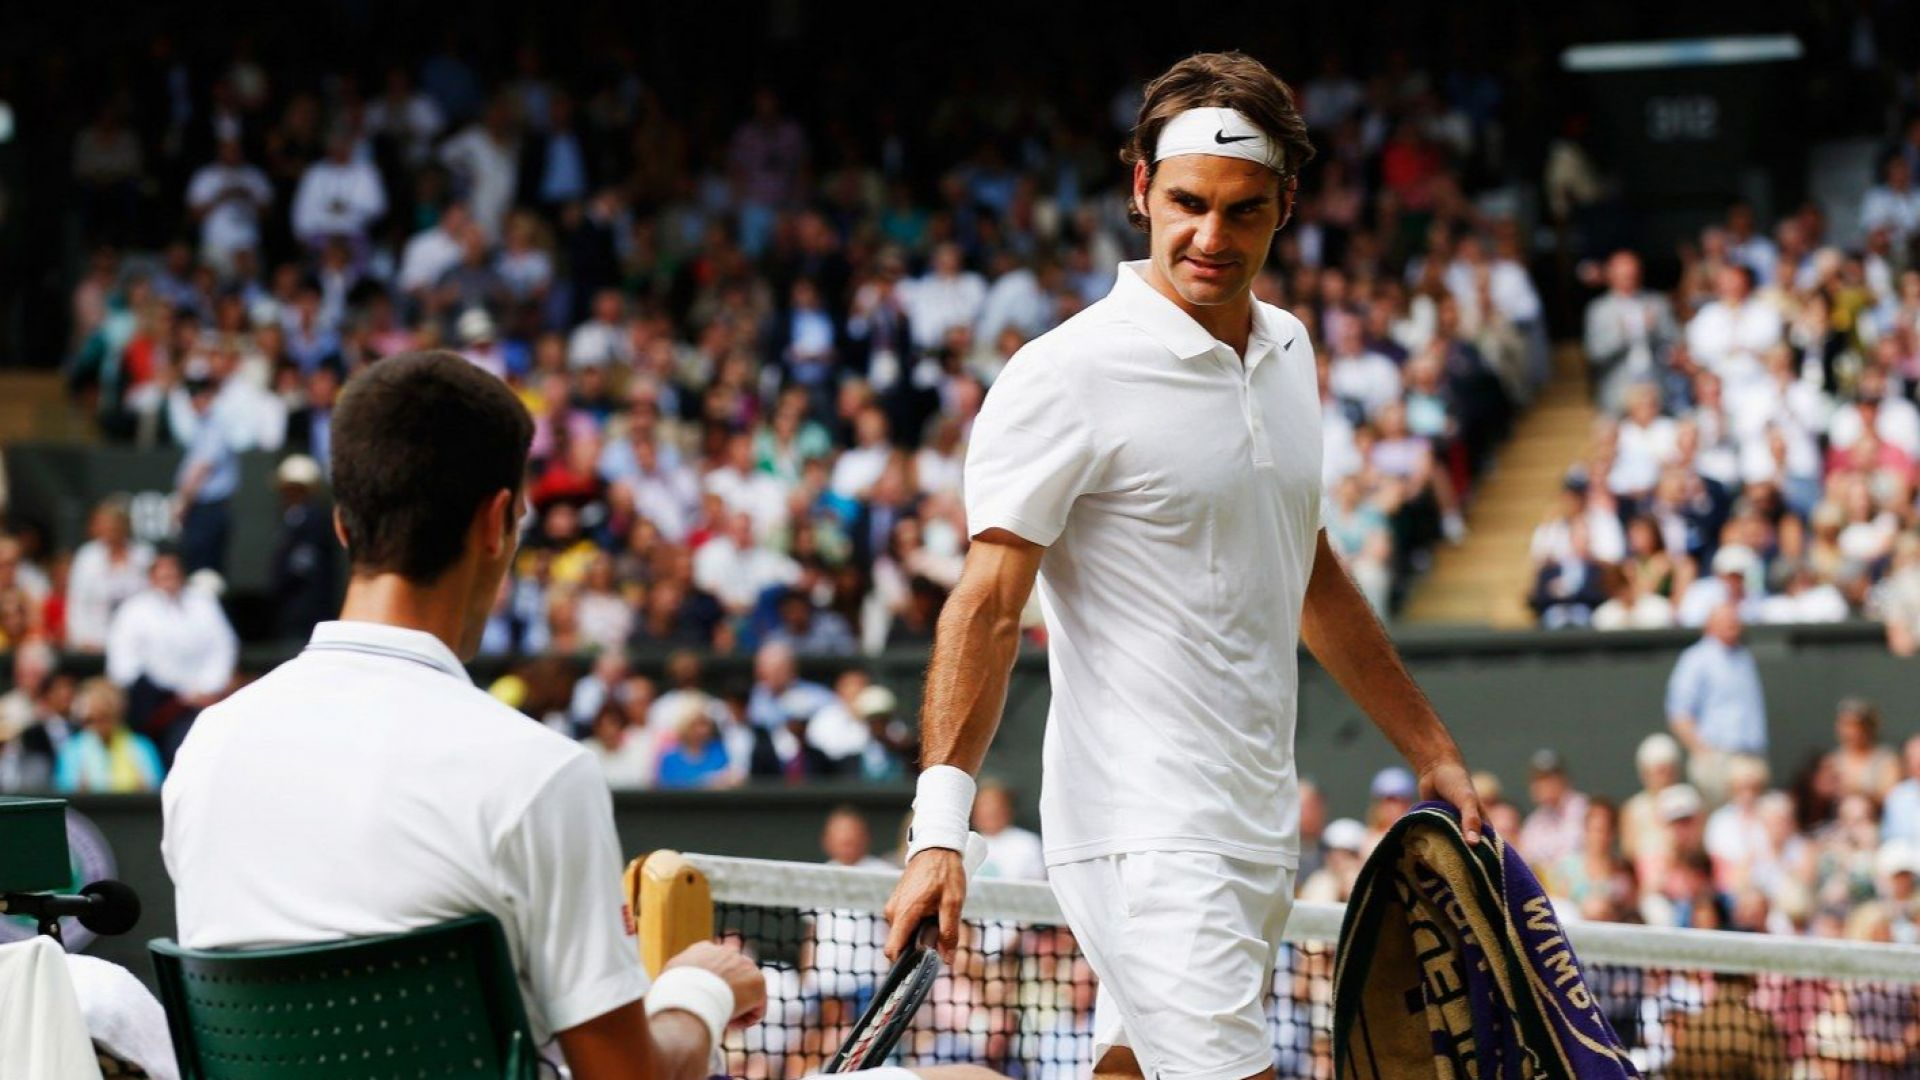 Жил Симон: Дори Джокович да спечели 36 титли в Шлема, пак Федерер ще е по-обичан